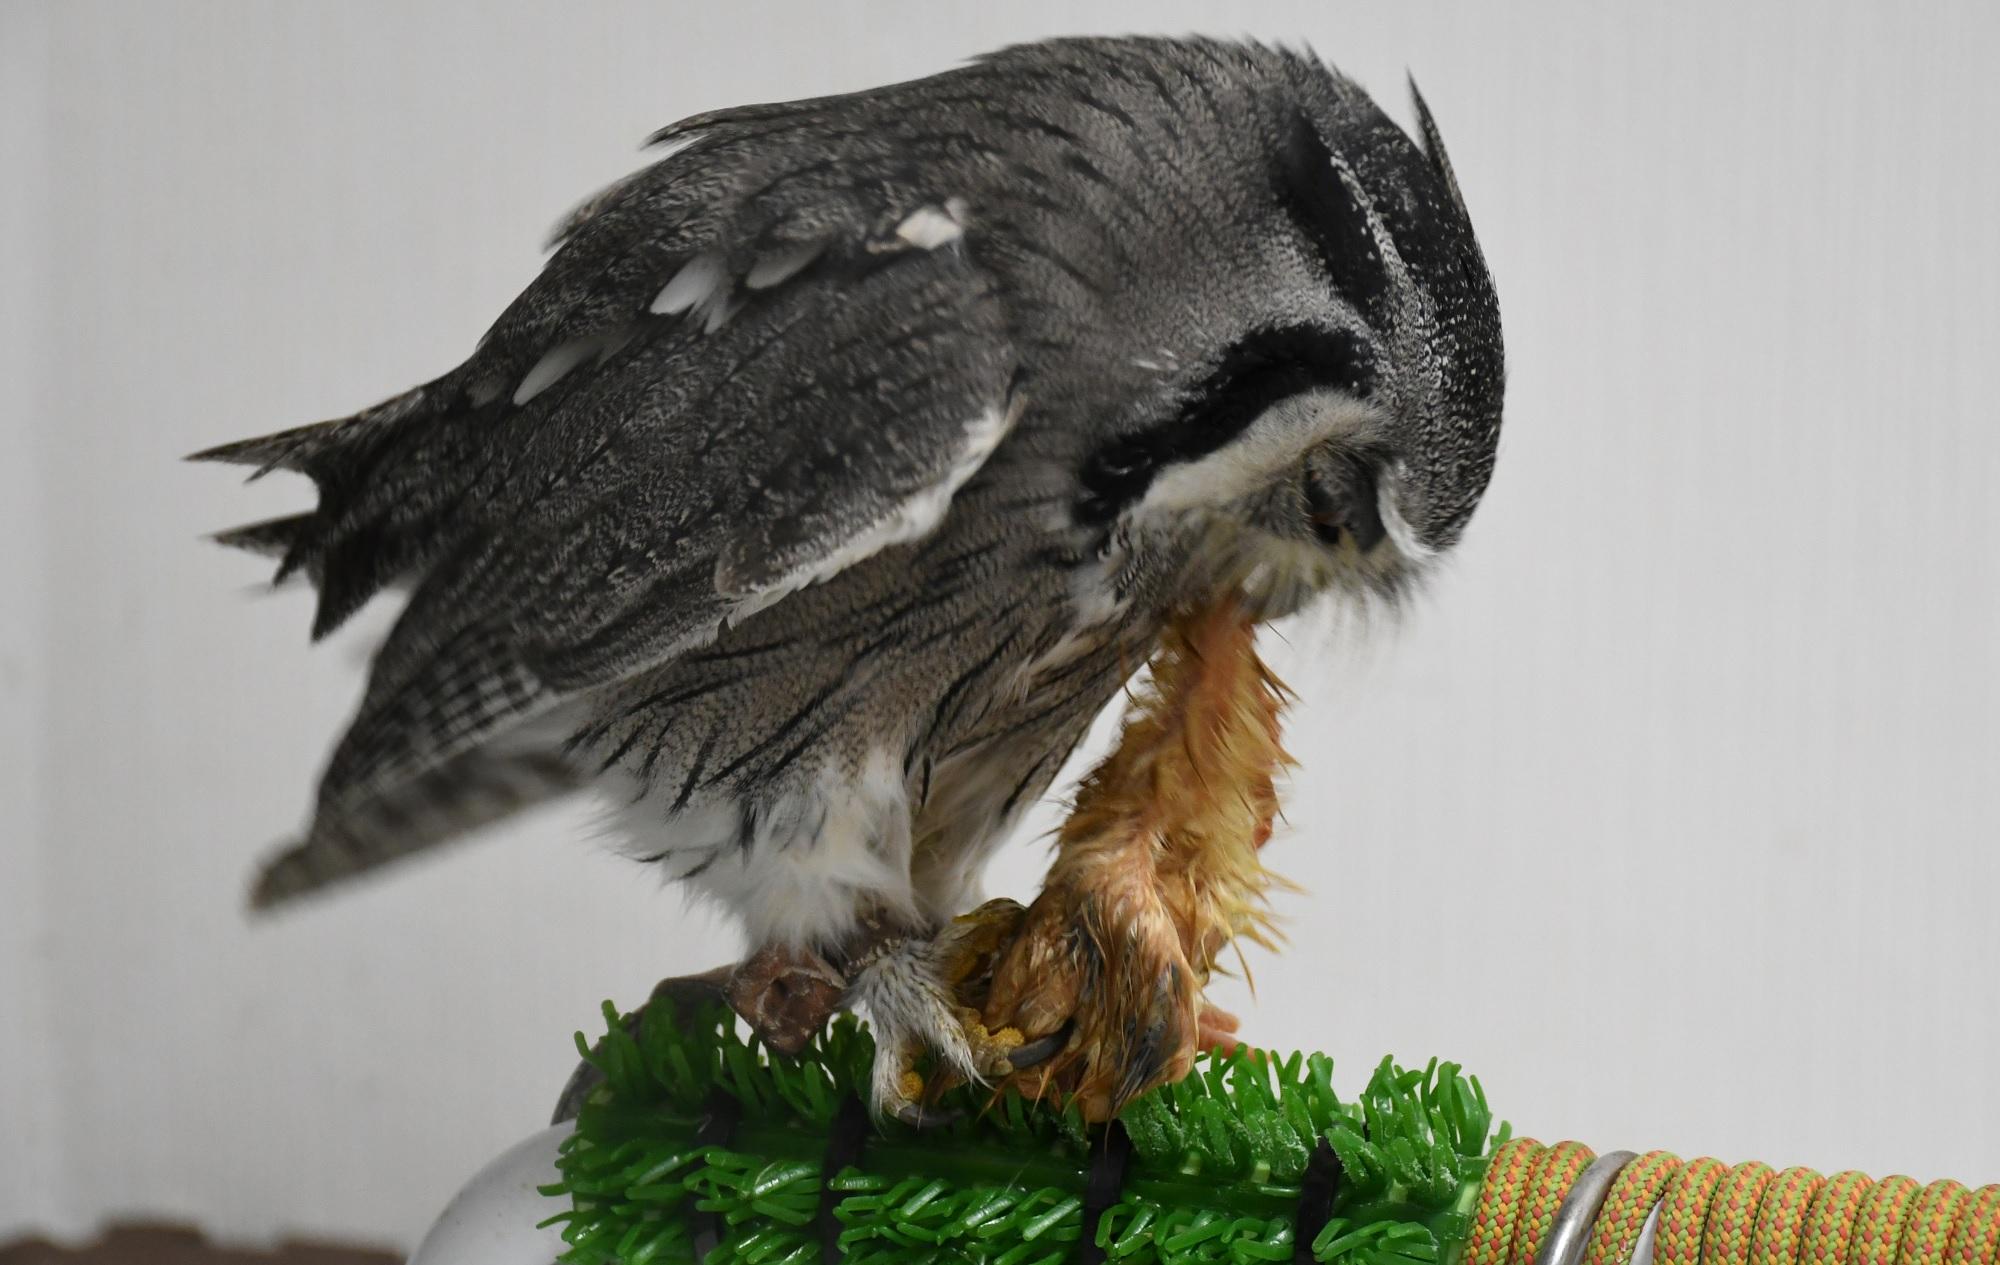 エサのヒヨコを食べるフクロウ